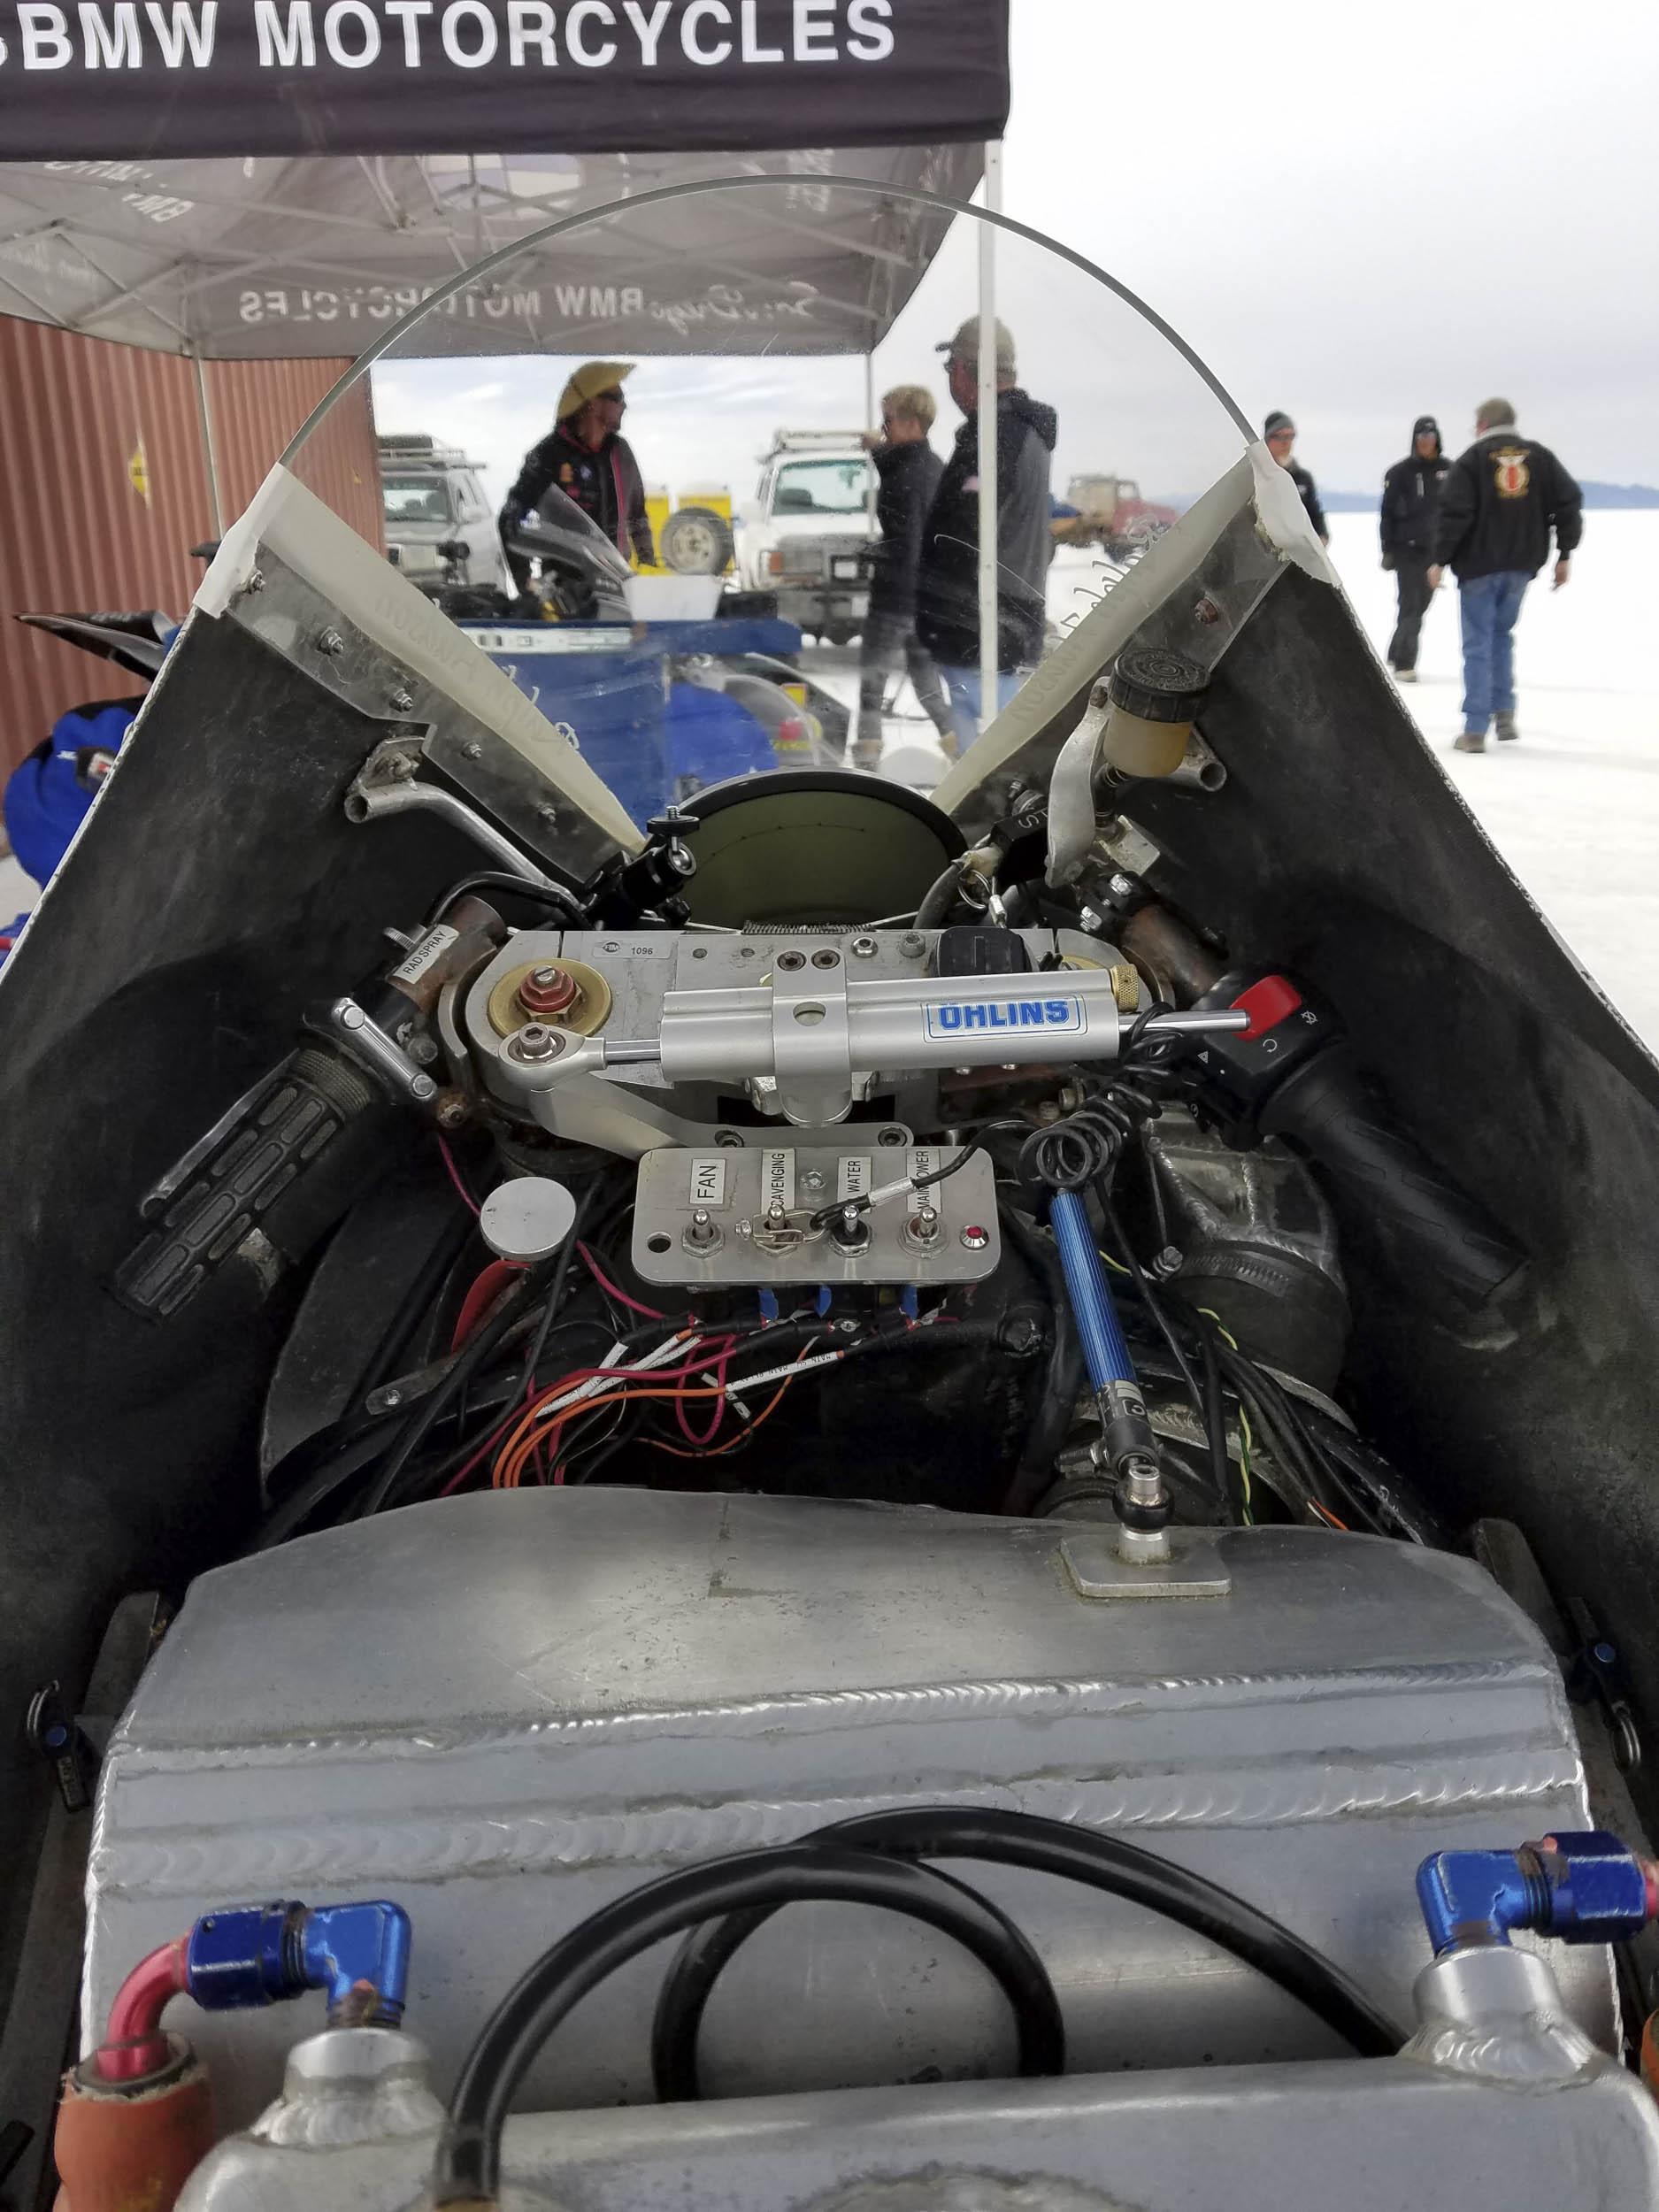 2003 Suzuki GSX-R1000 cockpit